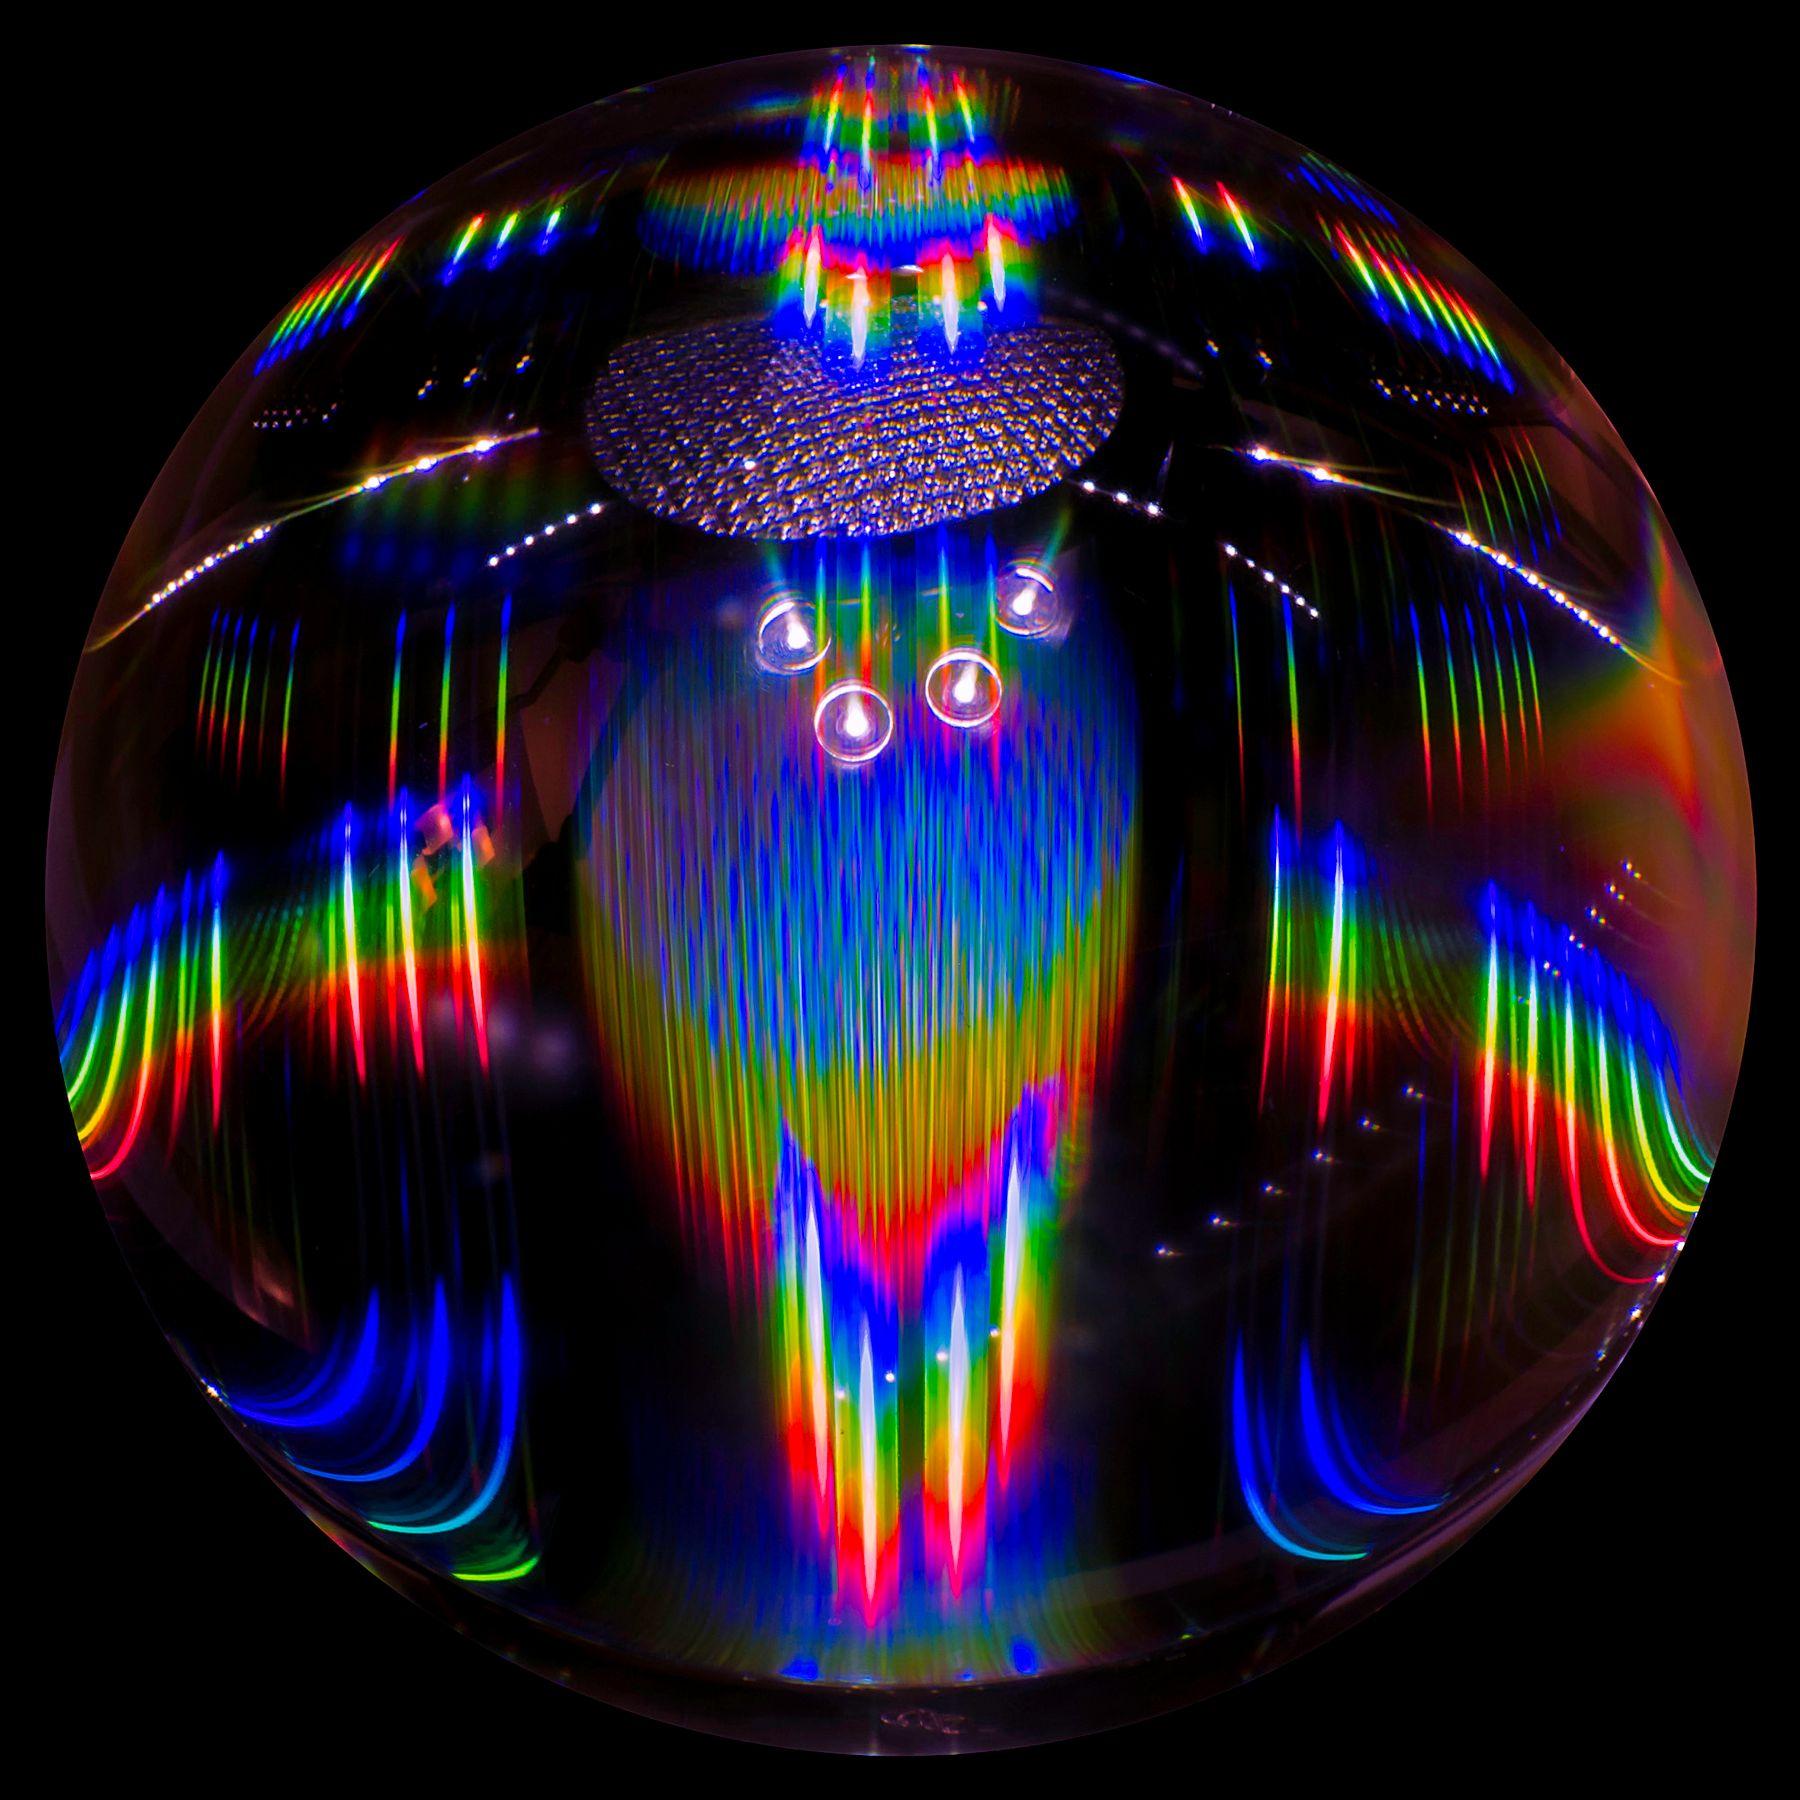 Селфи моего корабля в просторах соседней Вселенной хрустальный шар Вселенная